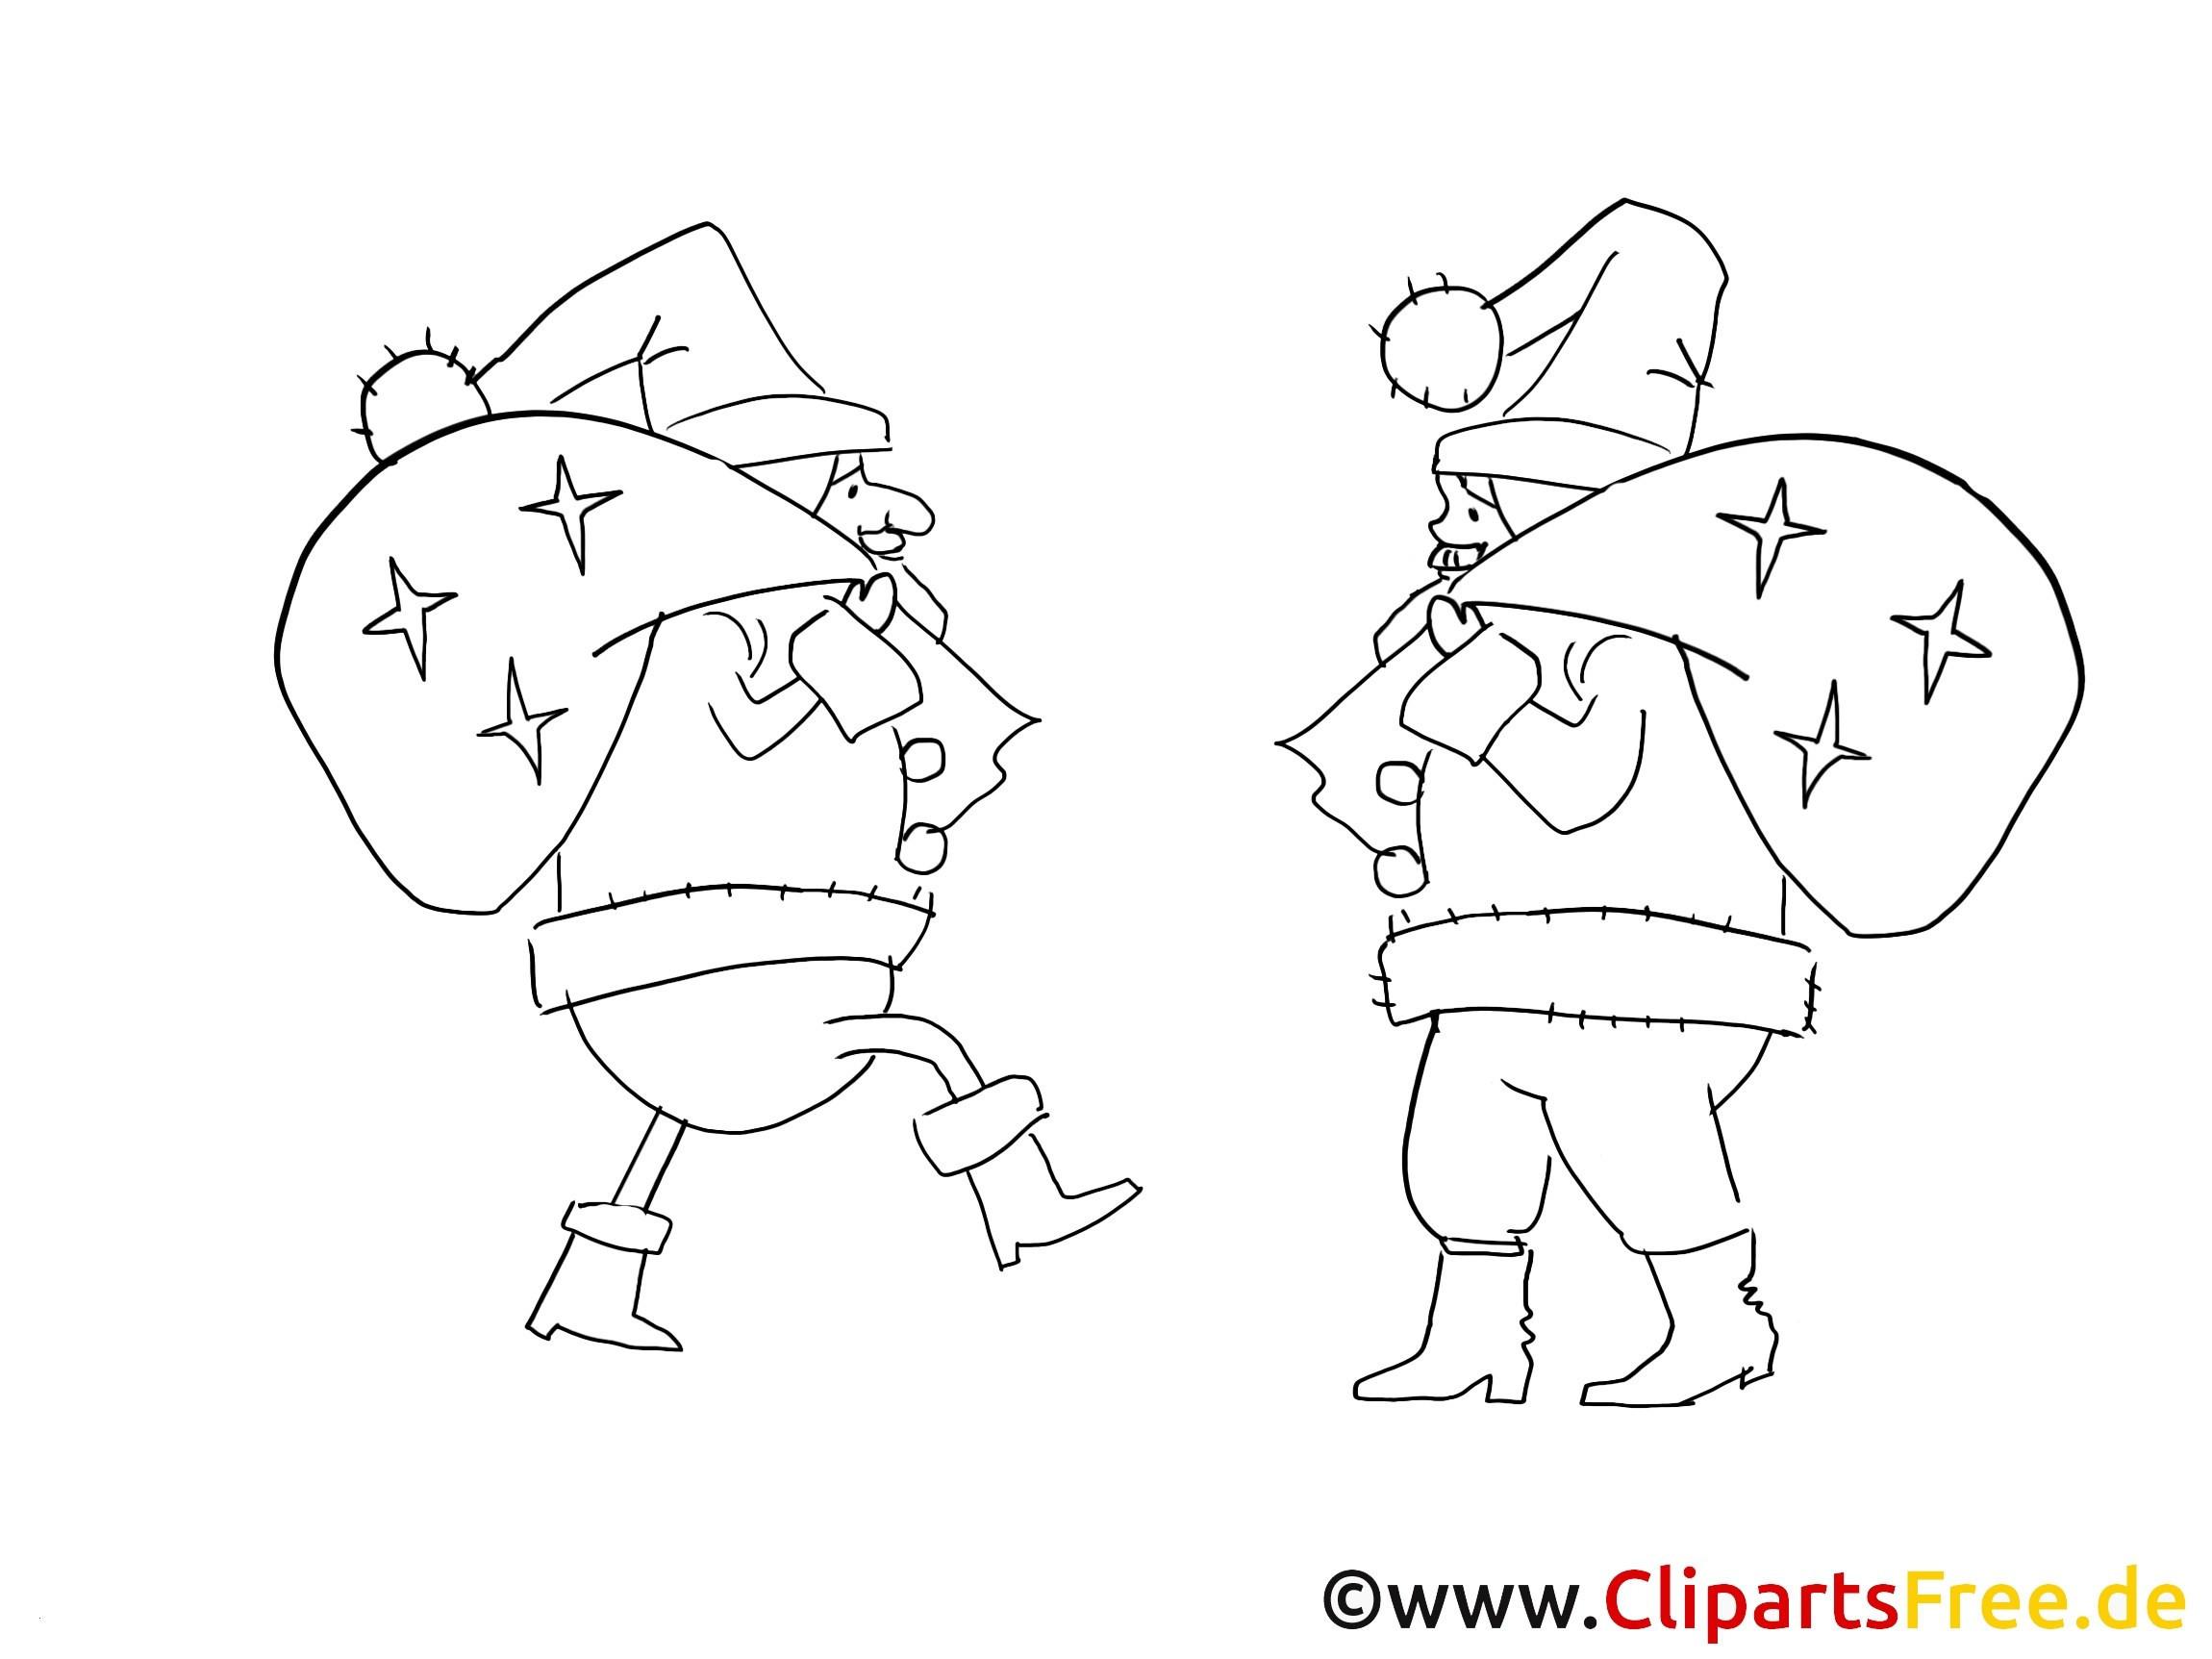 Ausmalbilder Weihnachten Krippe Einzigartig Weihnachtsmann Malvorlagen Inspirierend Bayern Ausmalbilder Frisch Bild